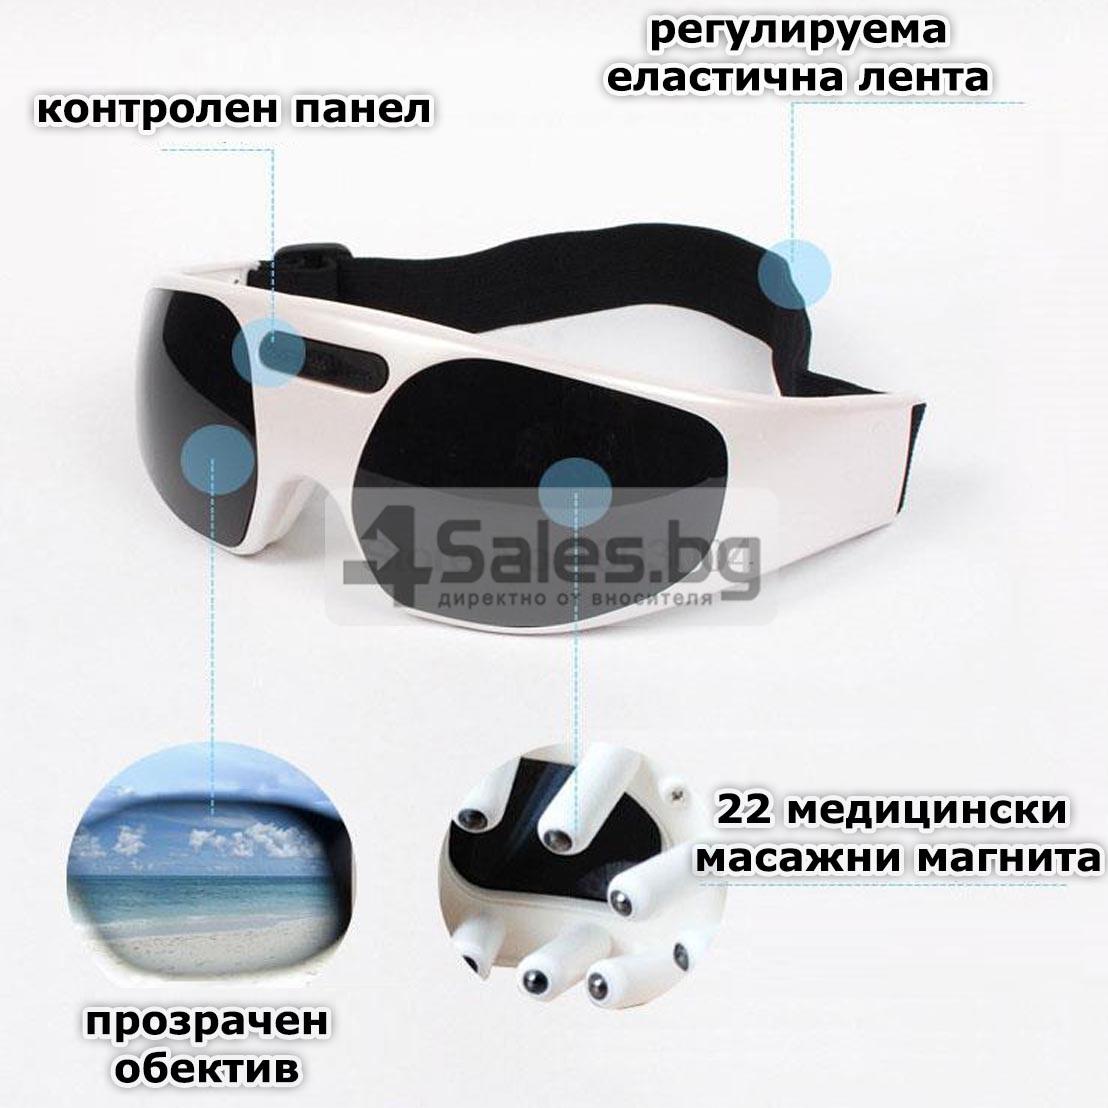 Акупунктурен масажор за очи с вибрации и регулираща се лента TV75 20